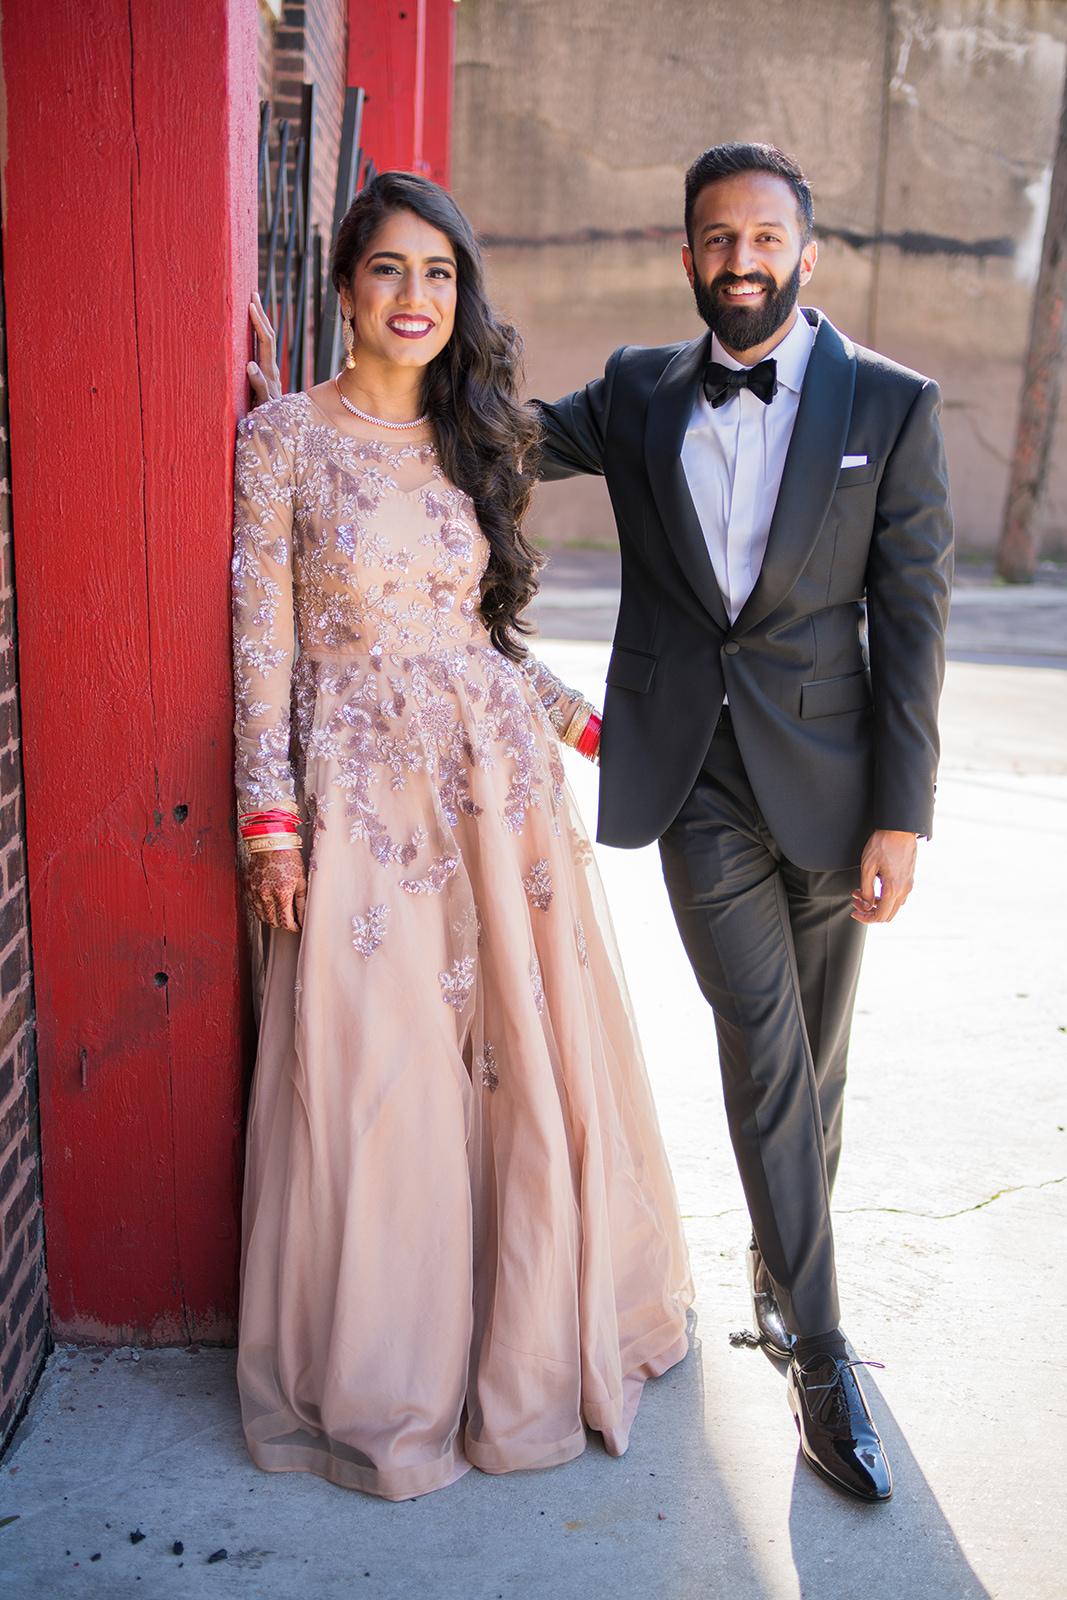 Le Cape Weddings - Sumeet and Chavi - Reception Creatives  -2.jpg